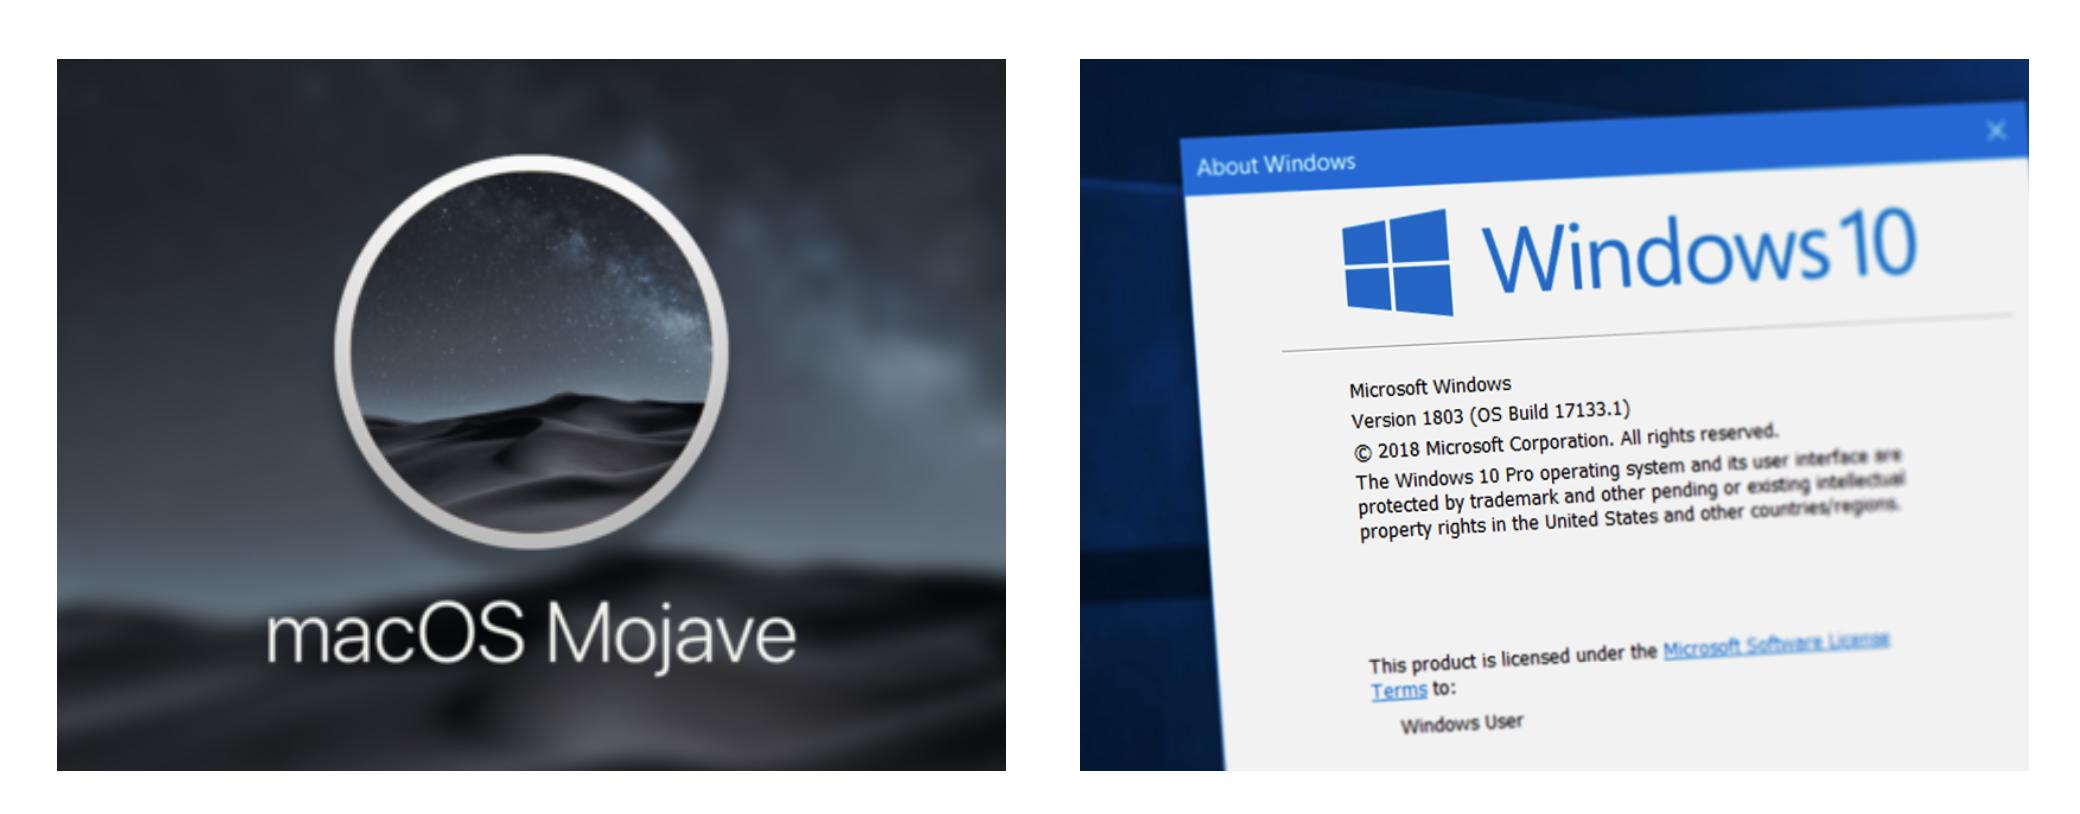 微软和苹果均在最新系统中提供了外接显卡官方支持